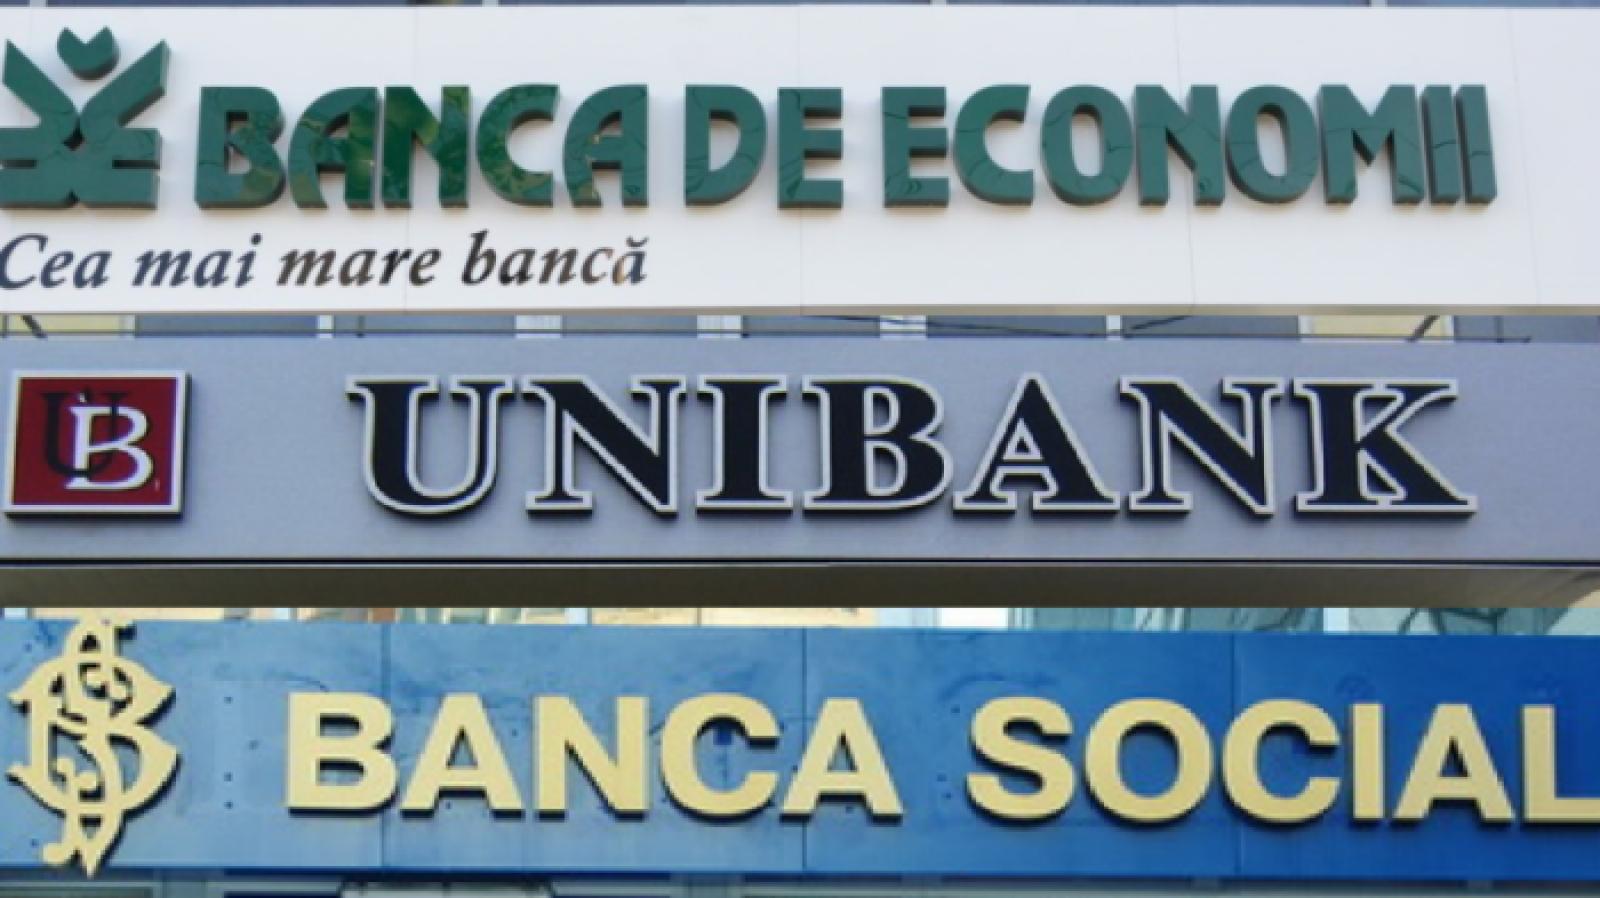 (doc) Procuratura a publicat strategia de recuperare a miliardului furat din cele trei bănci. În întregul proces de fraudare au fost implicate peste 200 de persoane juridice